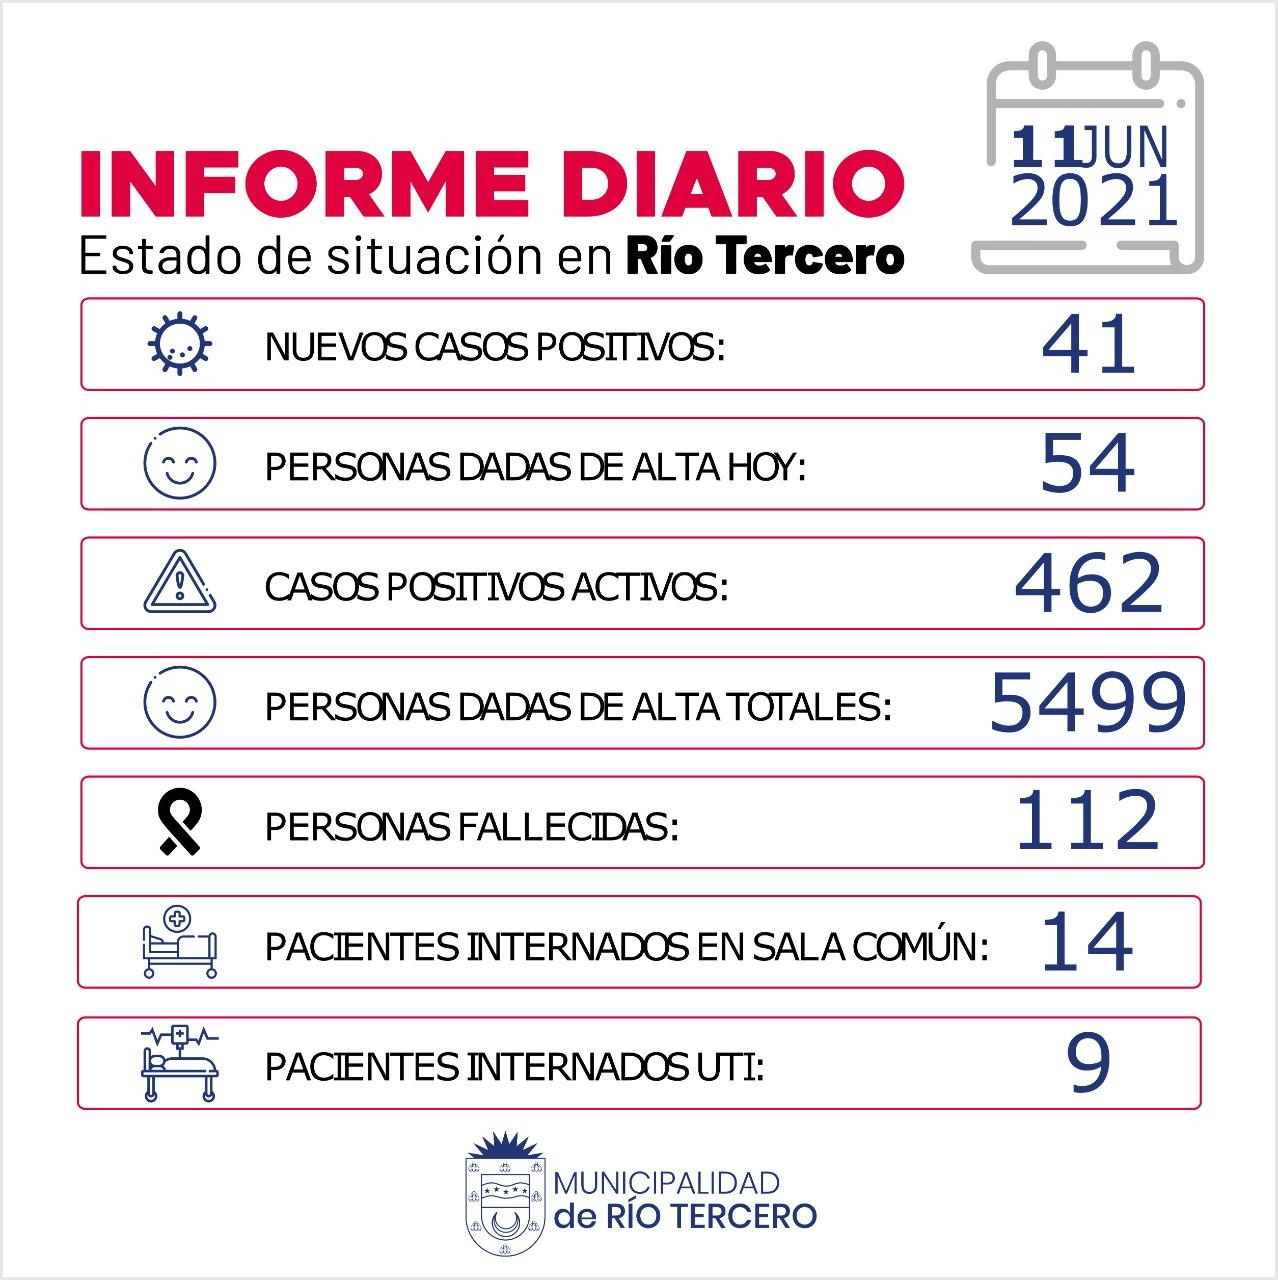 RÍO TERCERO HUBO 2 FALLECIDOS: HOY SE REGISTRARON 41 NUEVOS CASOS